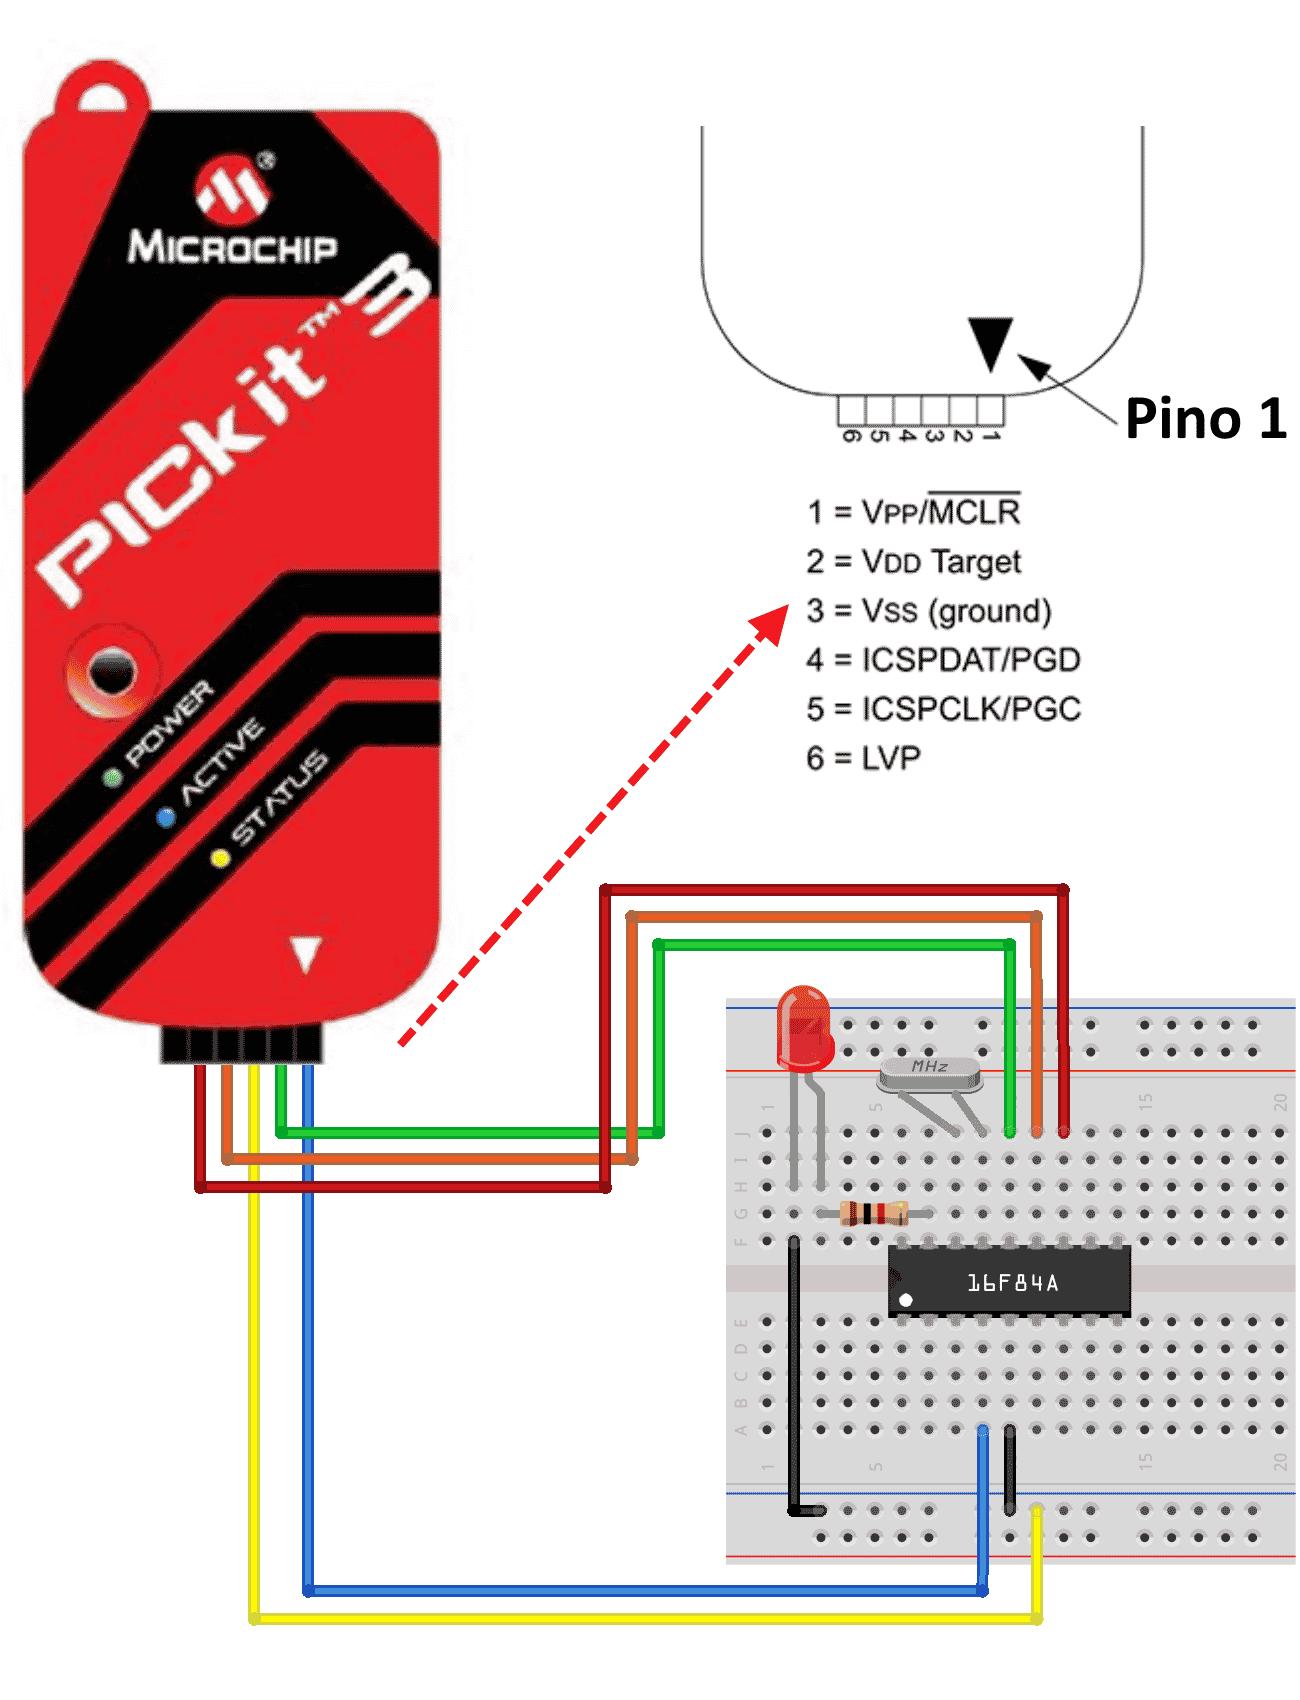 Circuito Pickit3 e PIC16F84A